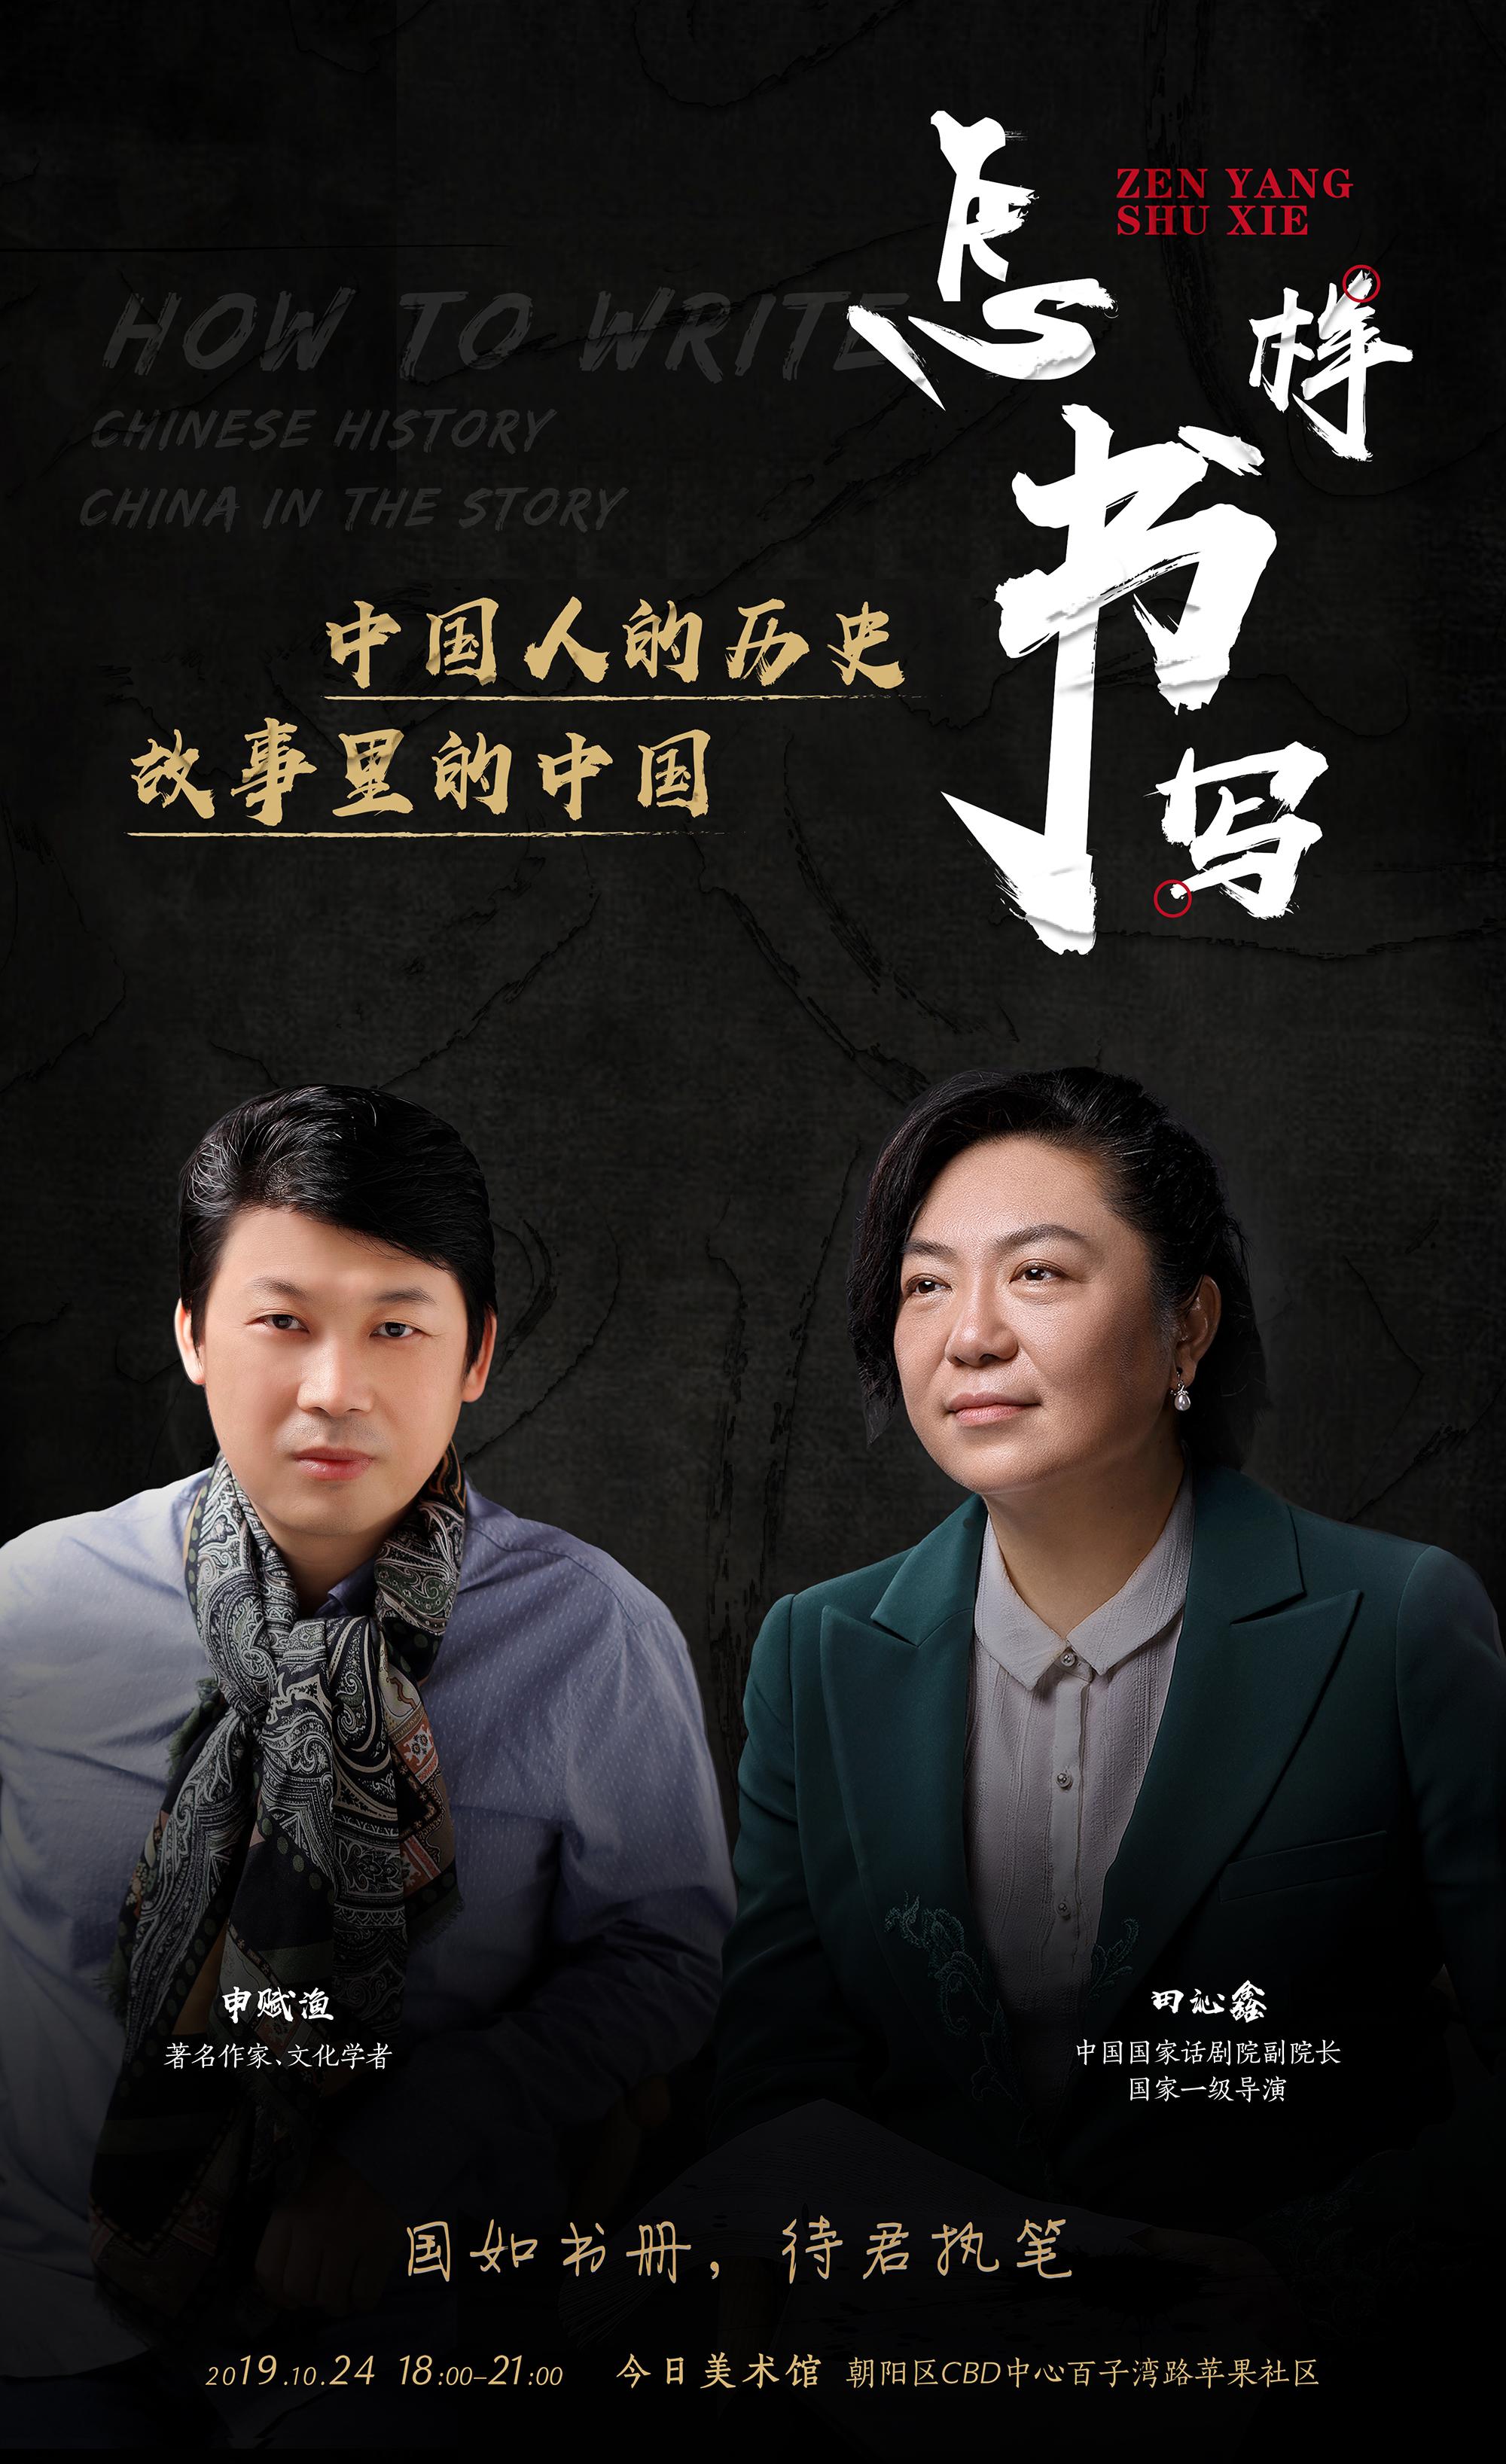 怎样书写|中国人的历史·故事里的中国——田沁鑫对话申赋渔